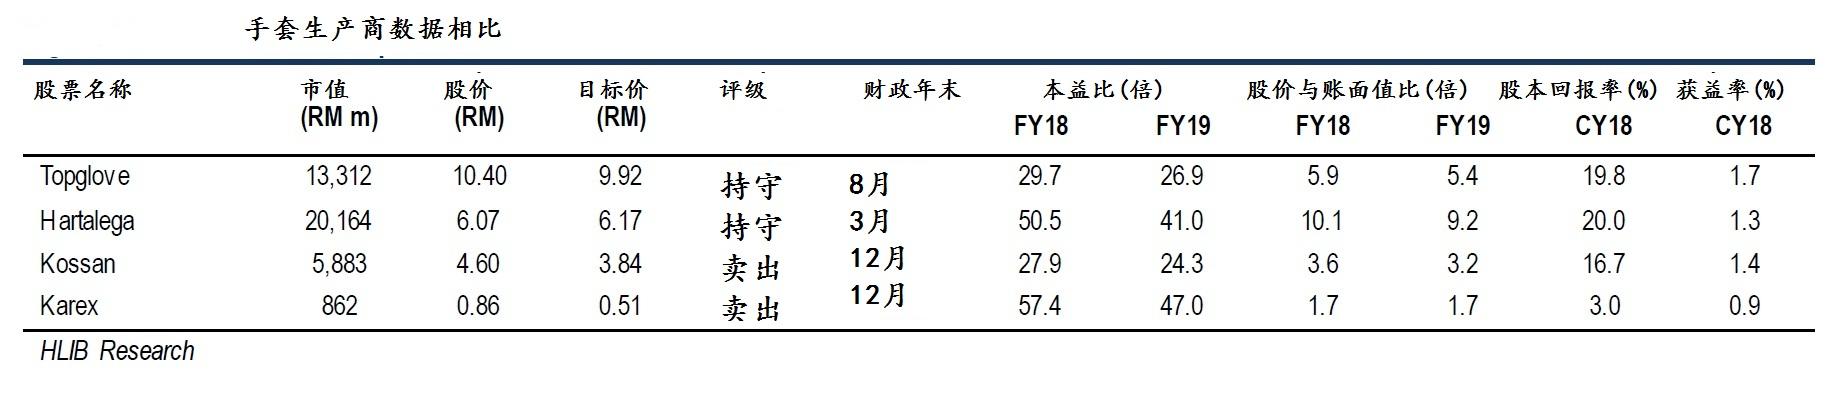 股票名称(顺序):顶级手套、贺特佳、高产尼品、康乐。来源:HLIB Research